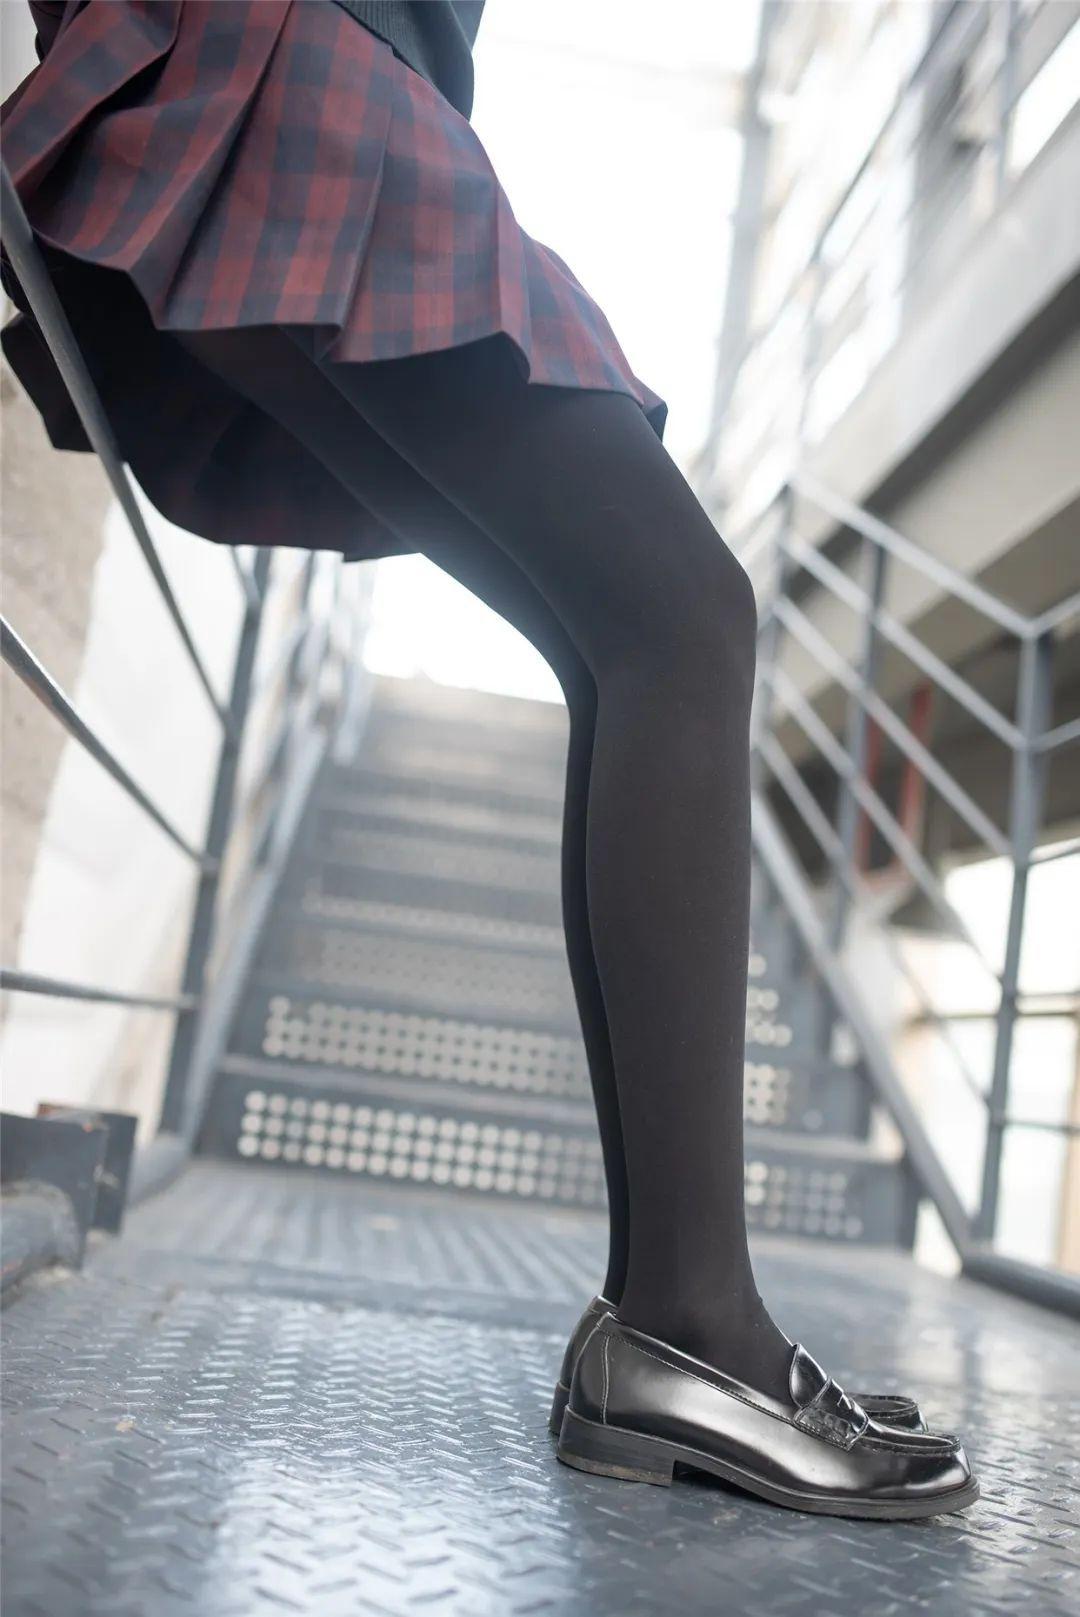 妹子摄影 – 可可爱爱黑白丝袜JK短裙女孩_图片 No.11